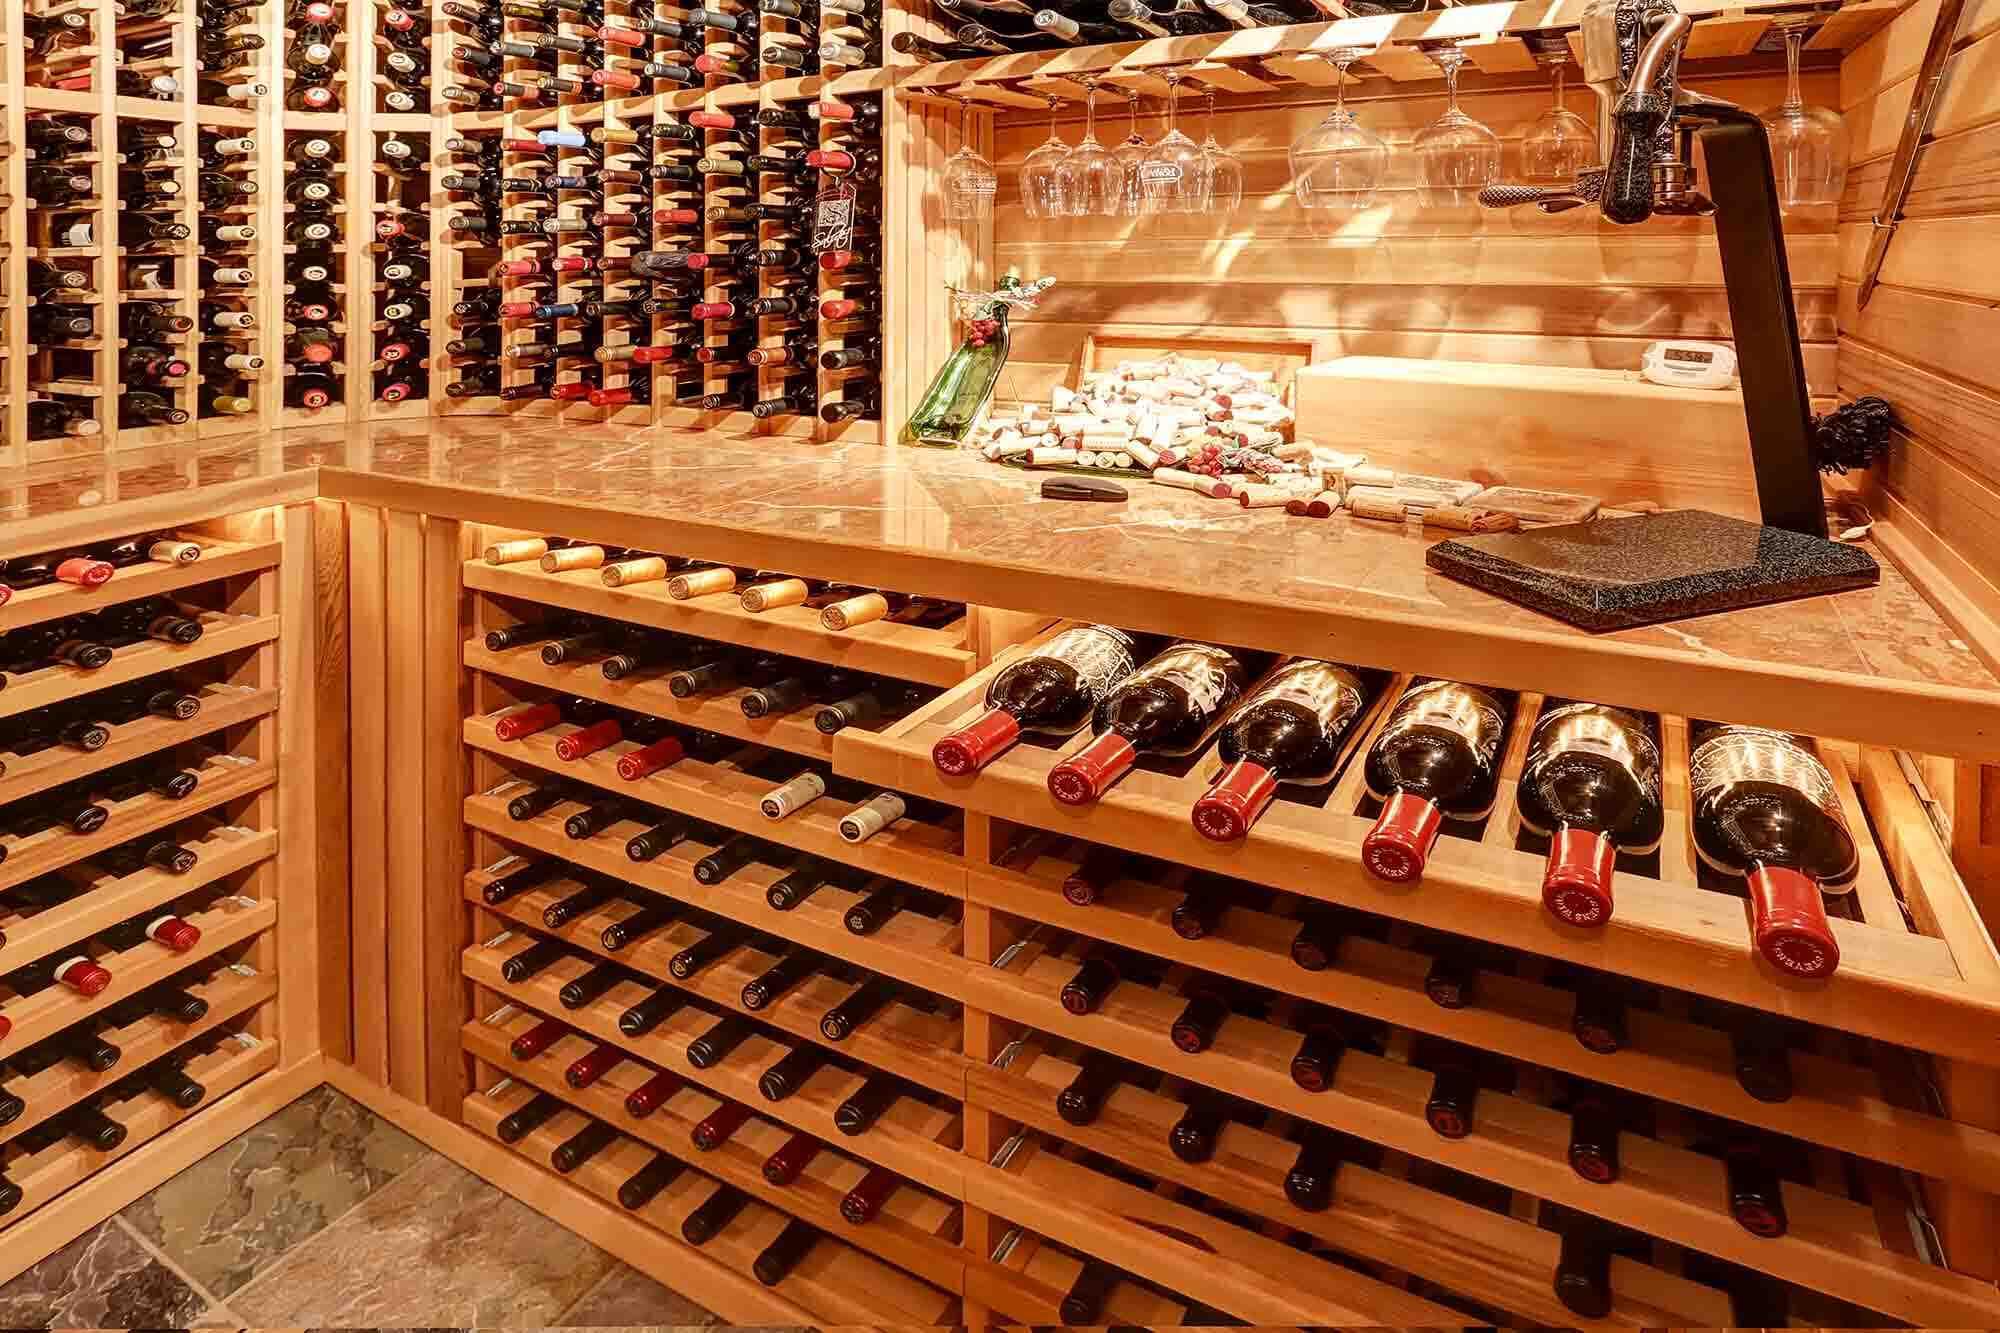 Quelle est la température de la cave à vin de service?